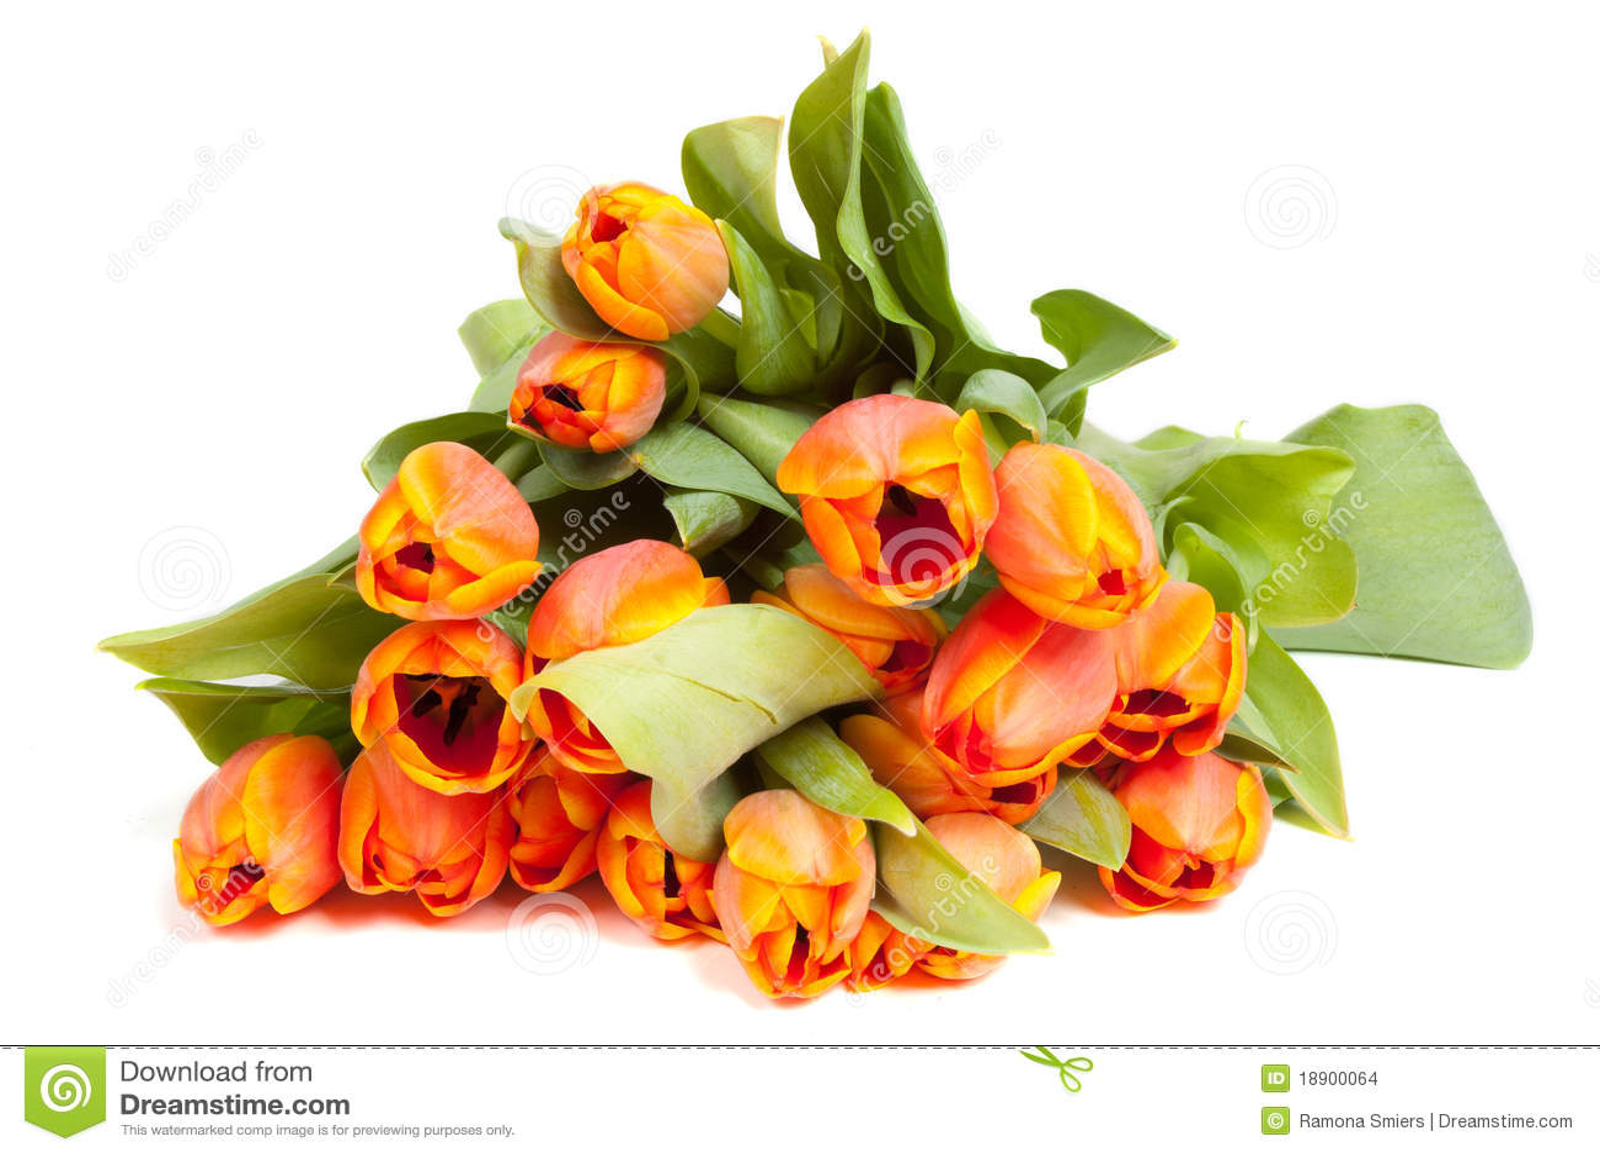 Manojo de tulipanes amarillo naranja foto de archivo - Amarillo naranja ...